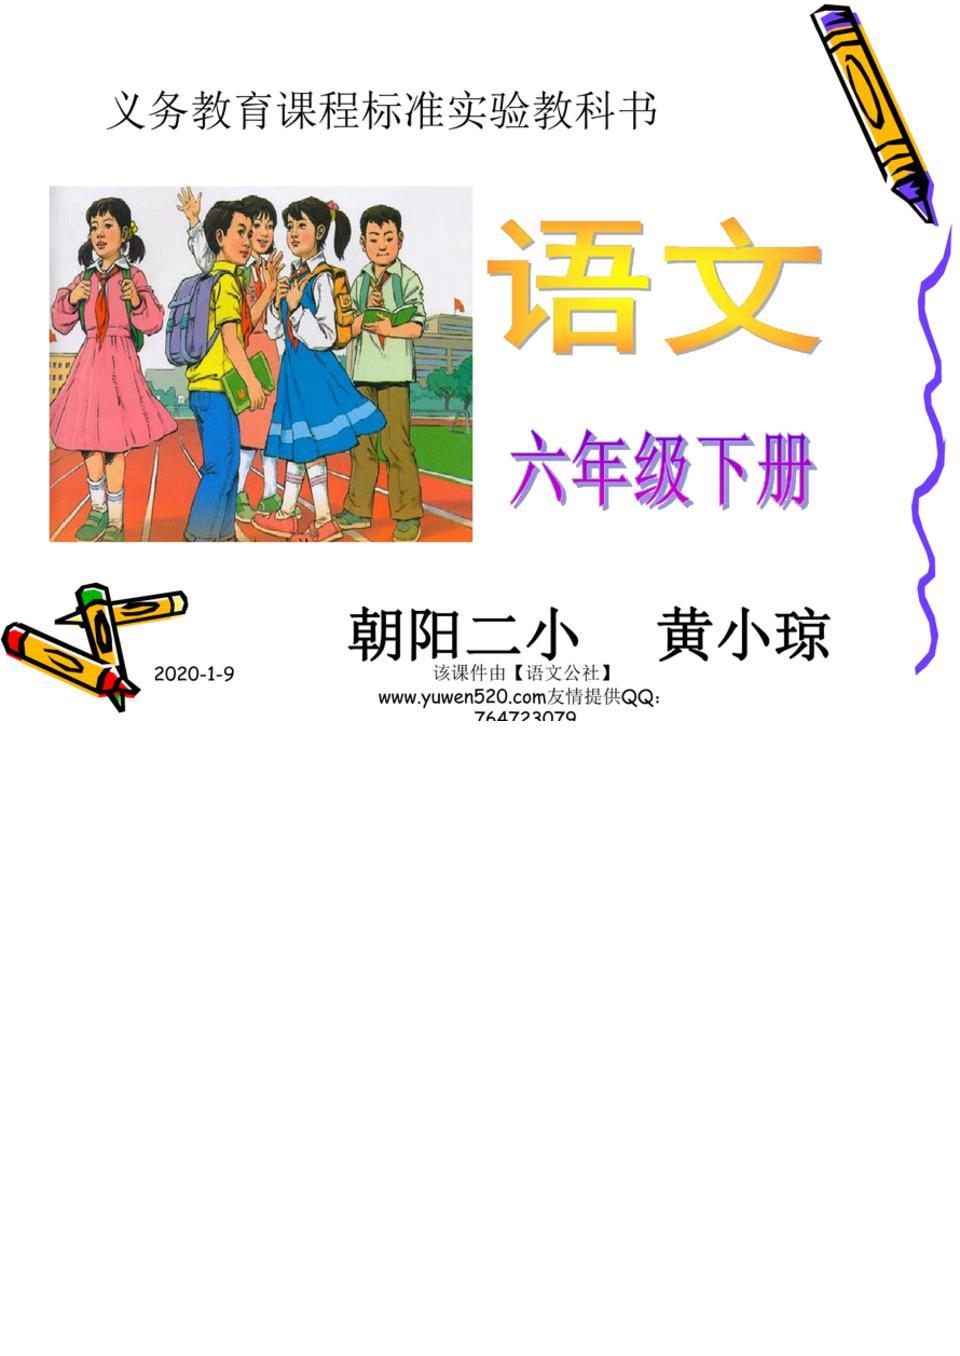 人教课标版六年级下册藏戏课件.ppt